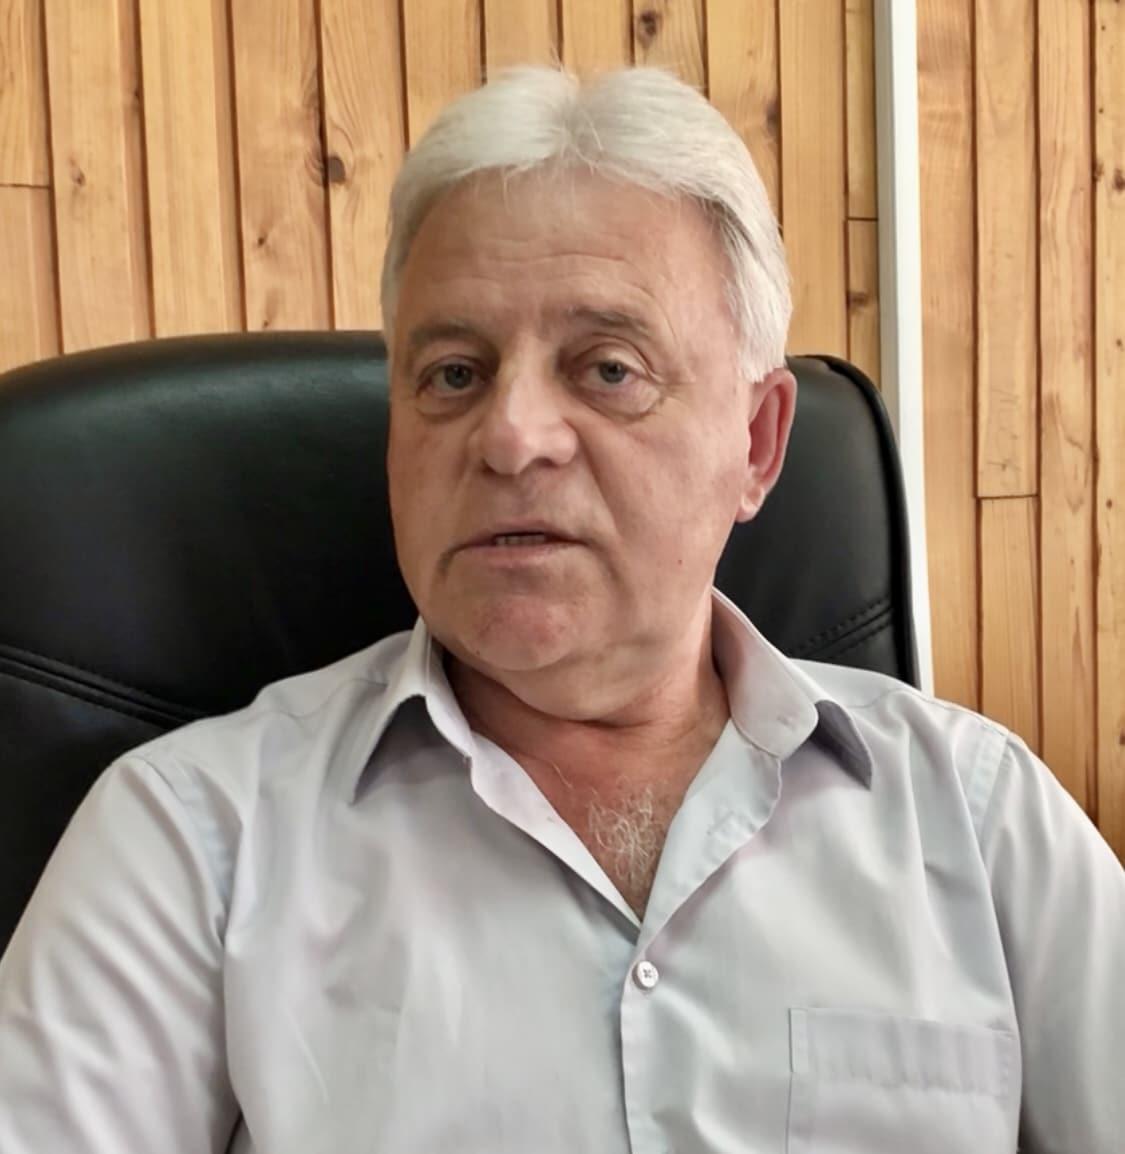 Direktor Ljutomir Davidović, foto: Svrljiške novine